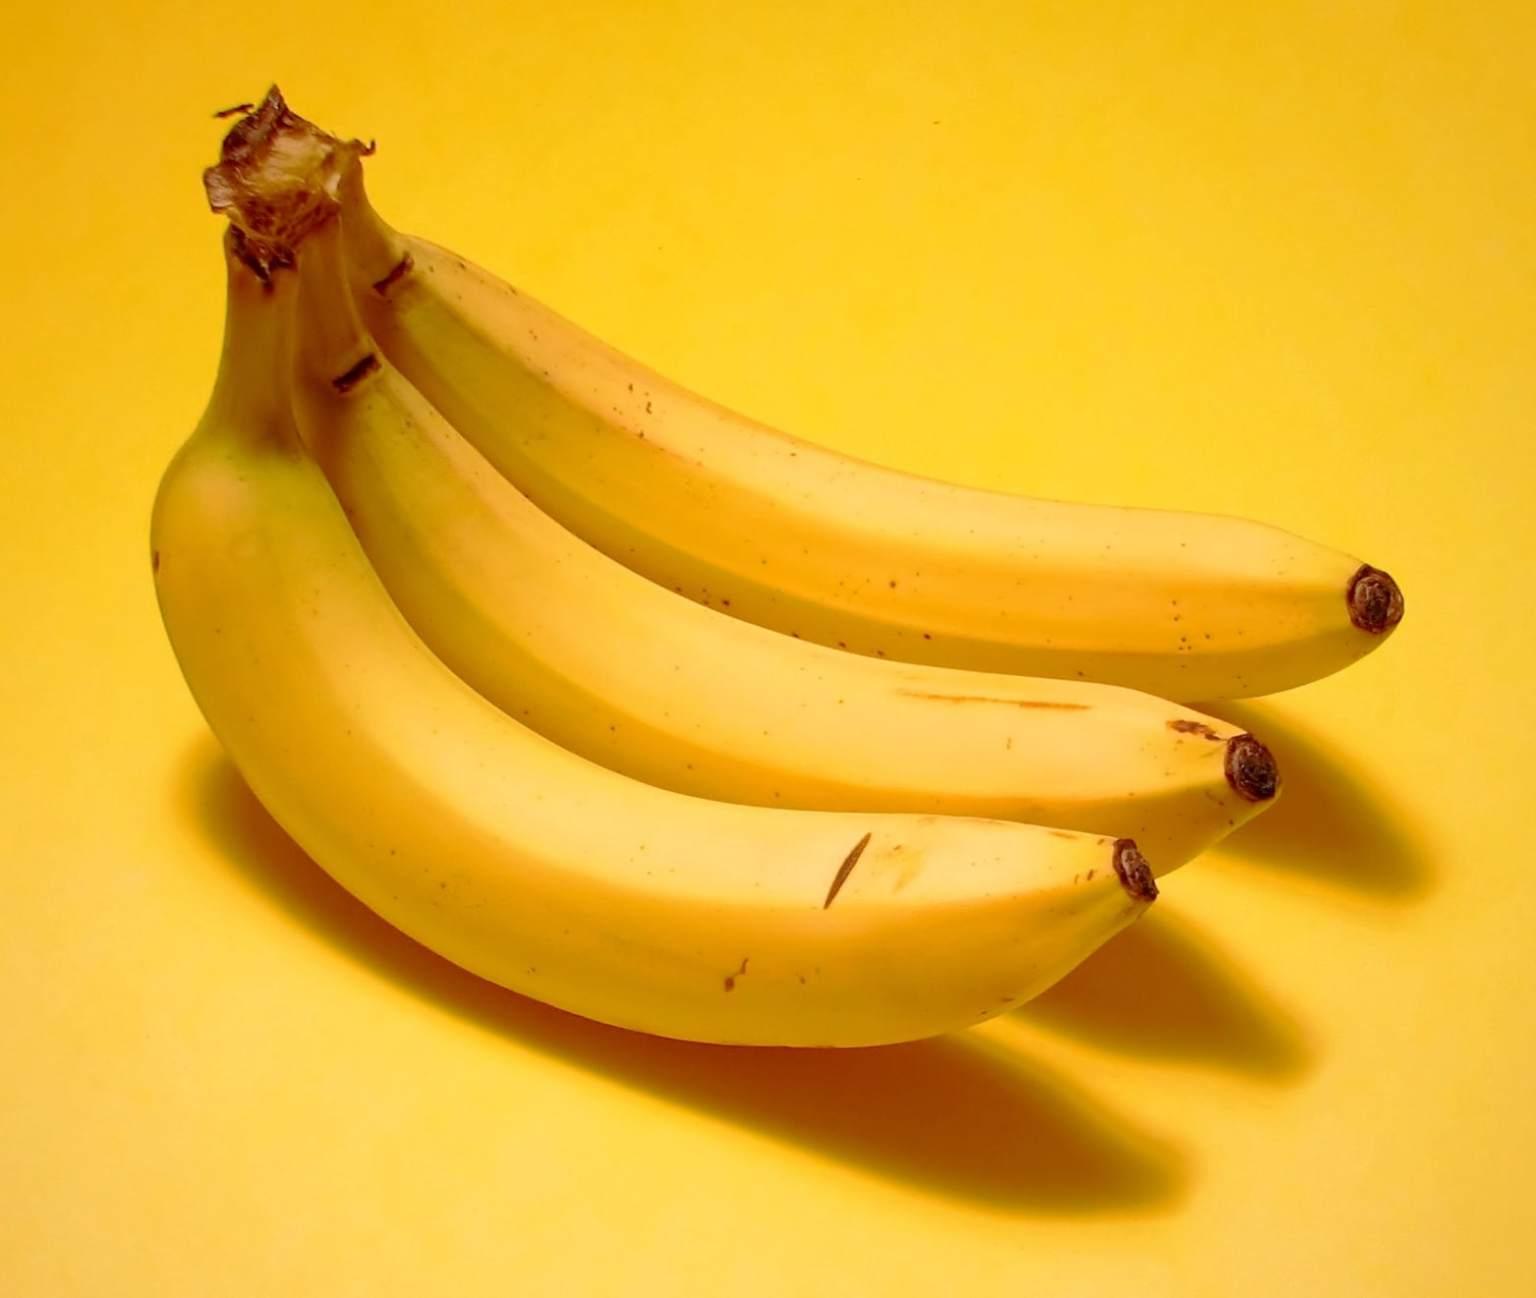 10 Motive pentru care ar trebui să mâncăm 3 Banane zilnic!